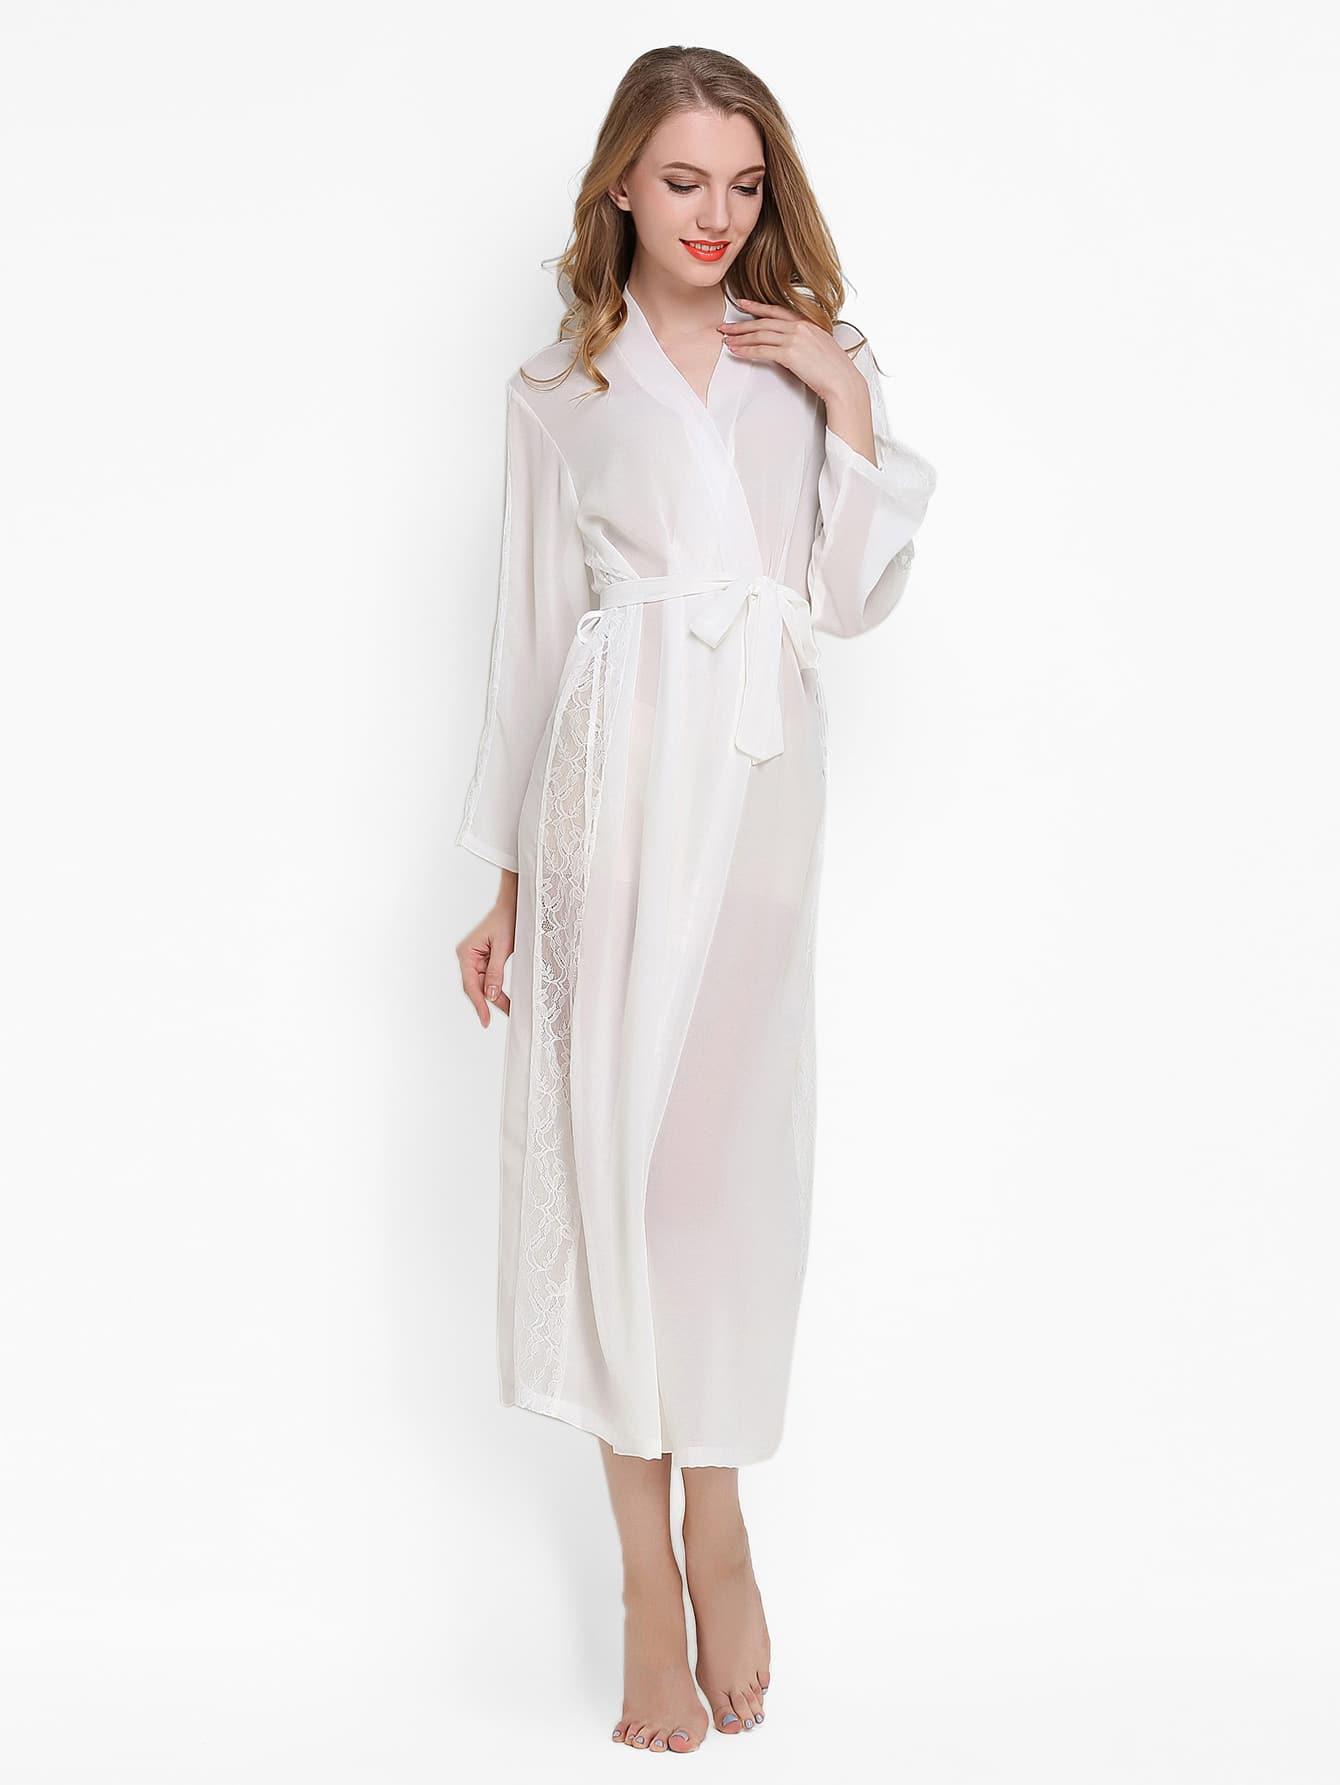 Купить Притягательный стиль Одноцветный Белые Халат, null, SheIn